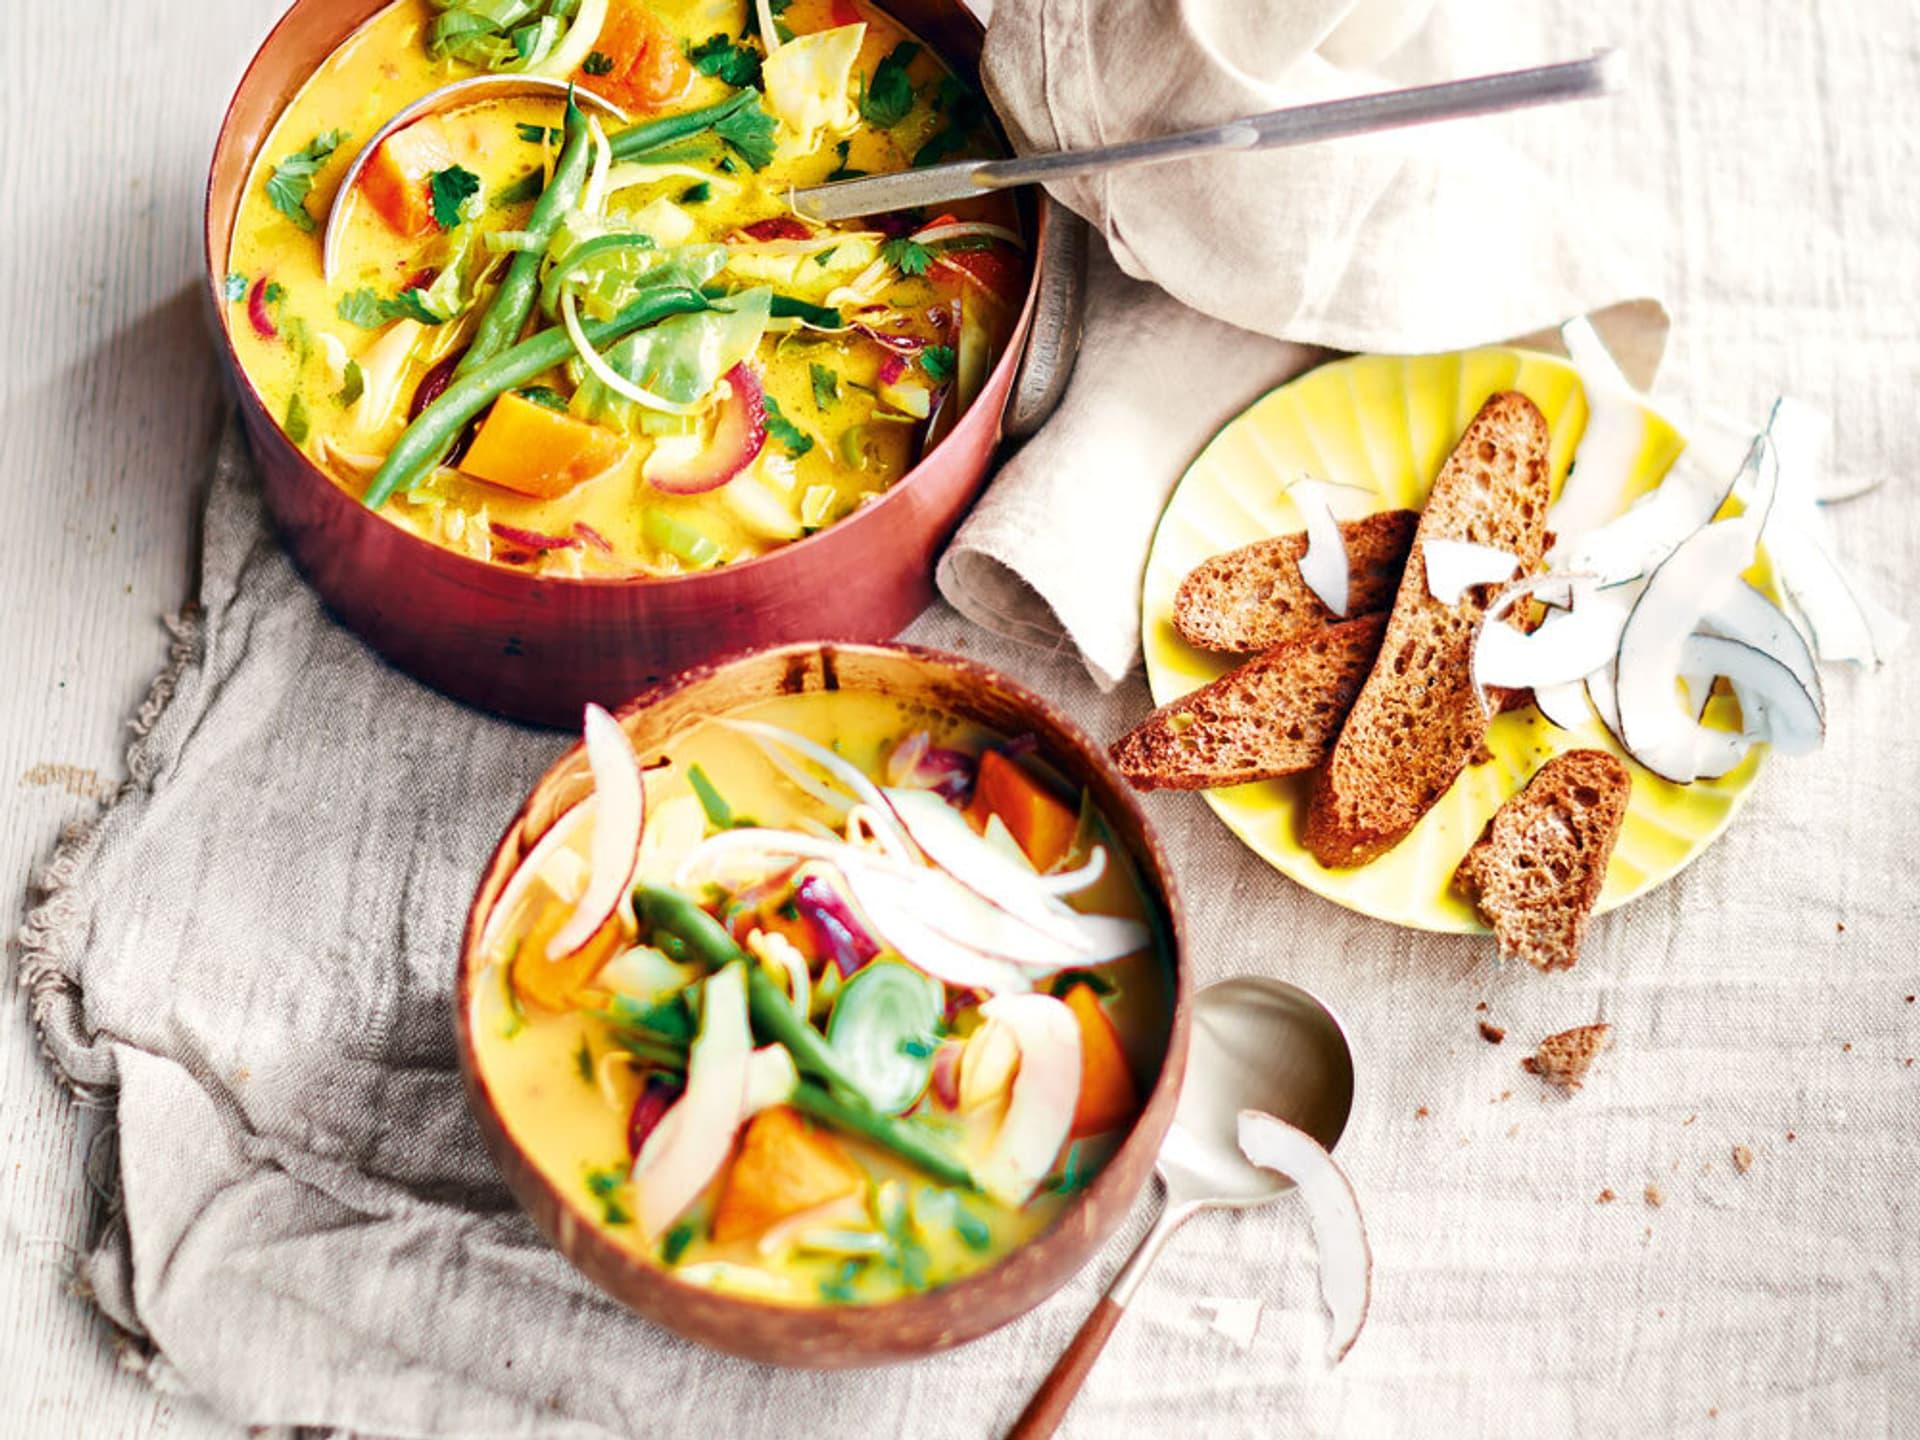 Kokossuppe mit Fladenbrotchips